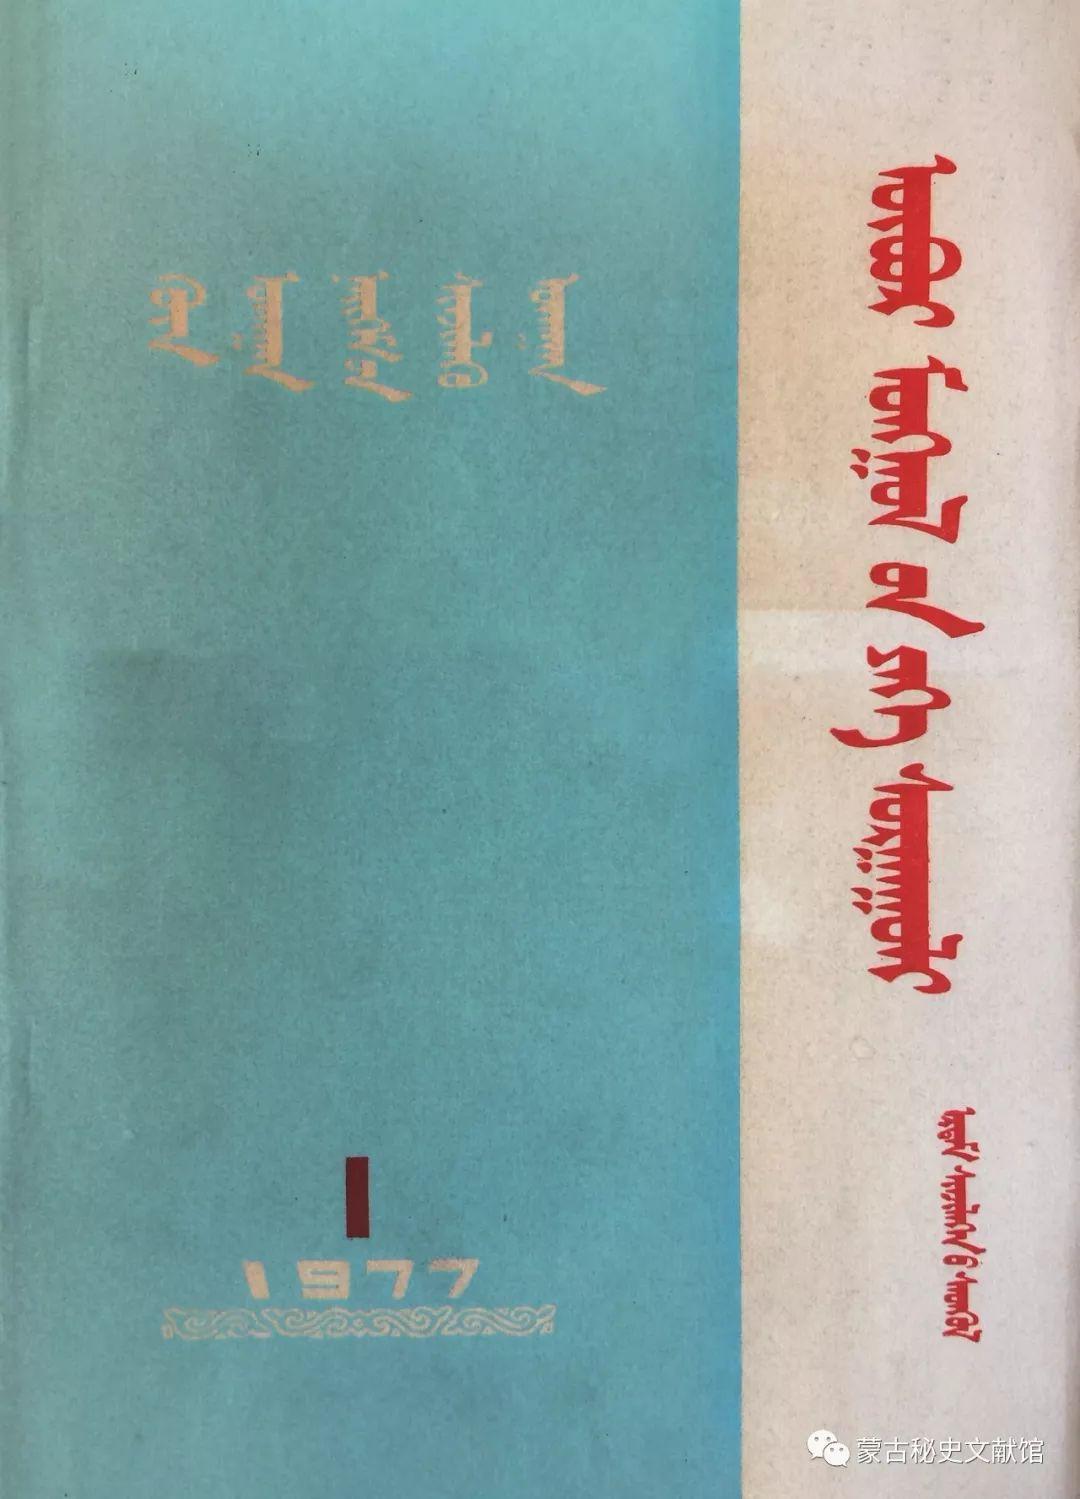 【1959-2019】内蒙古大学学报蒙古文版创刊60周年 第7张 【1959-2019】内蒙古大学学报蒙古文版创刊60周年 蒙古文化